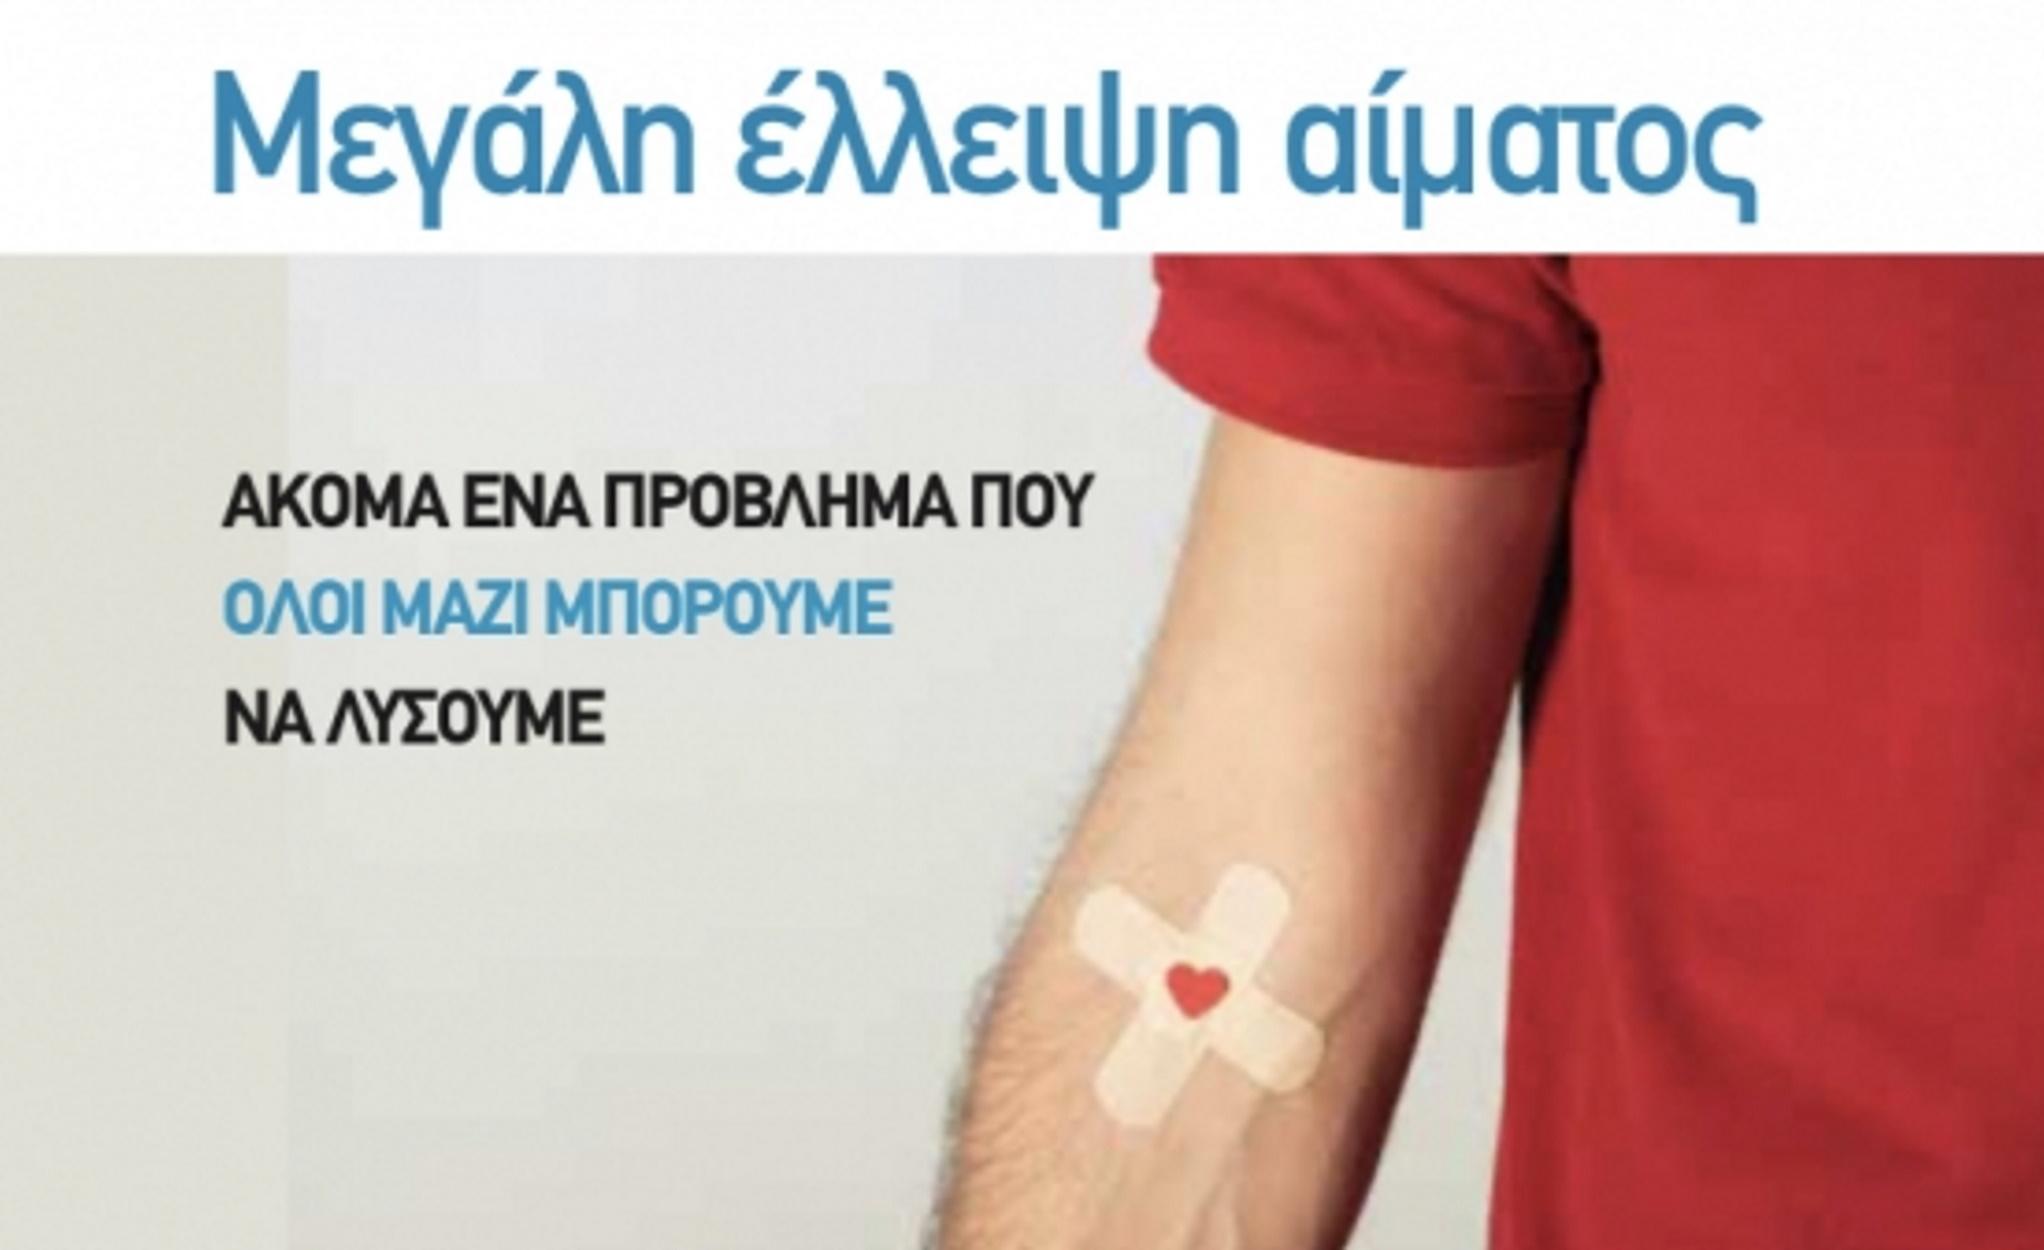 ΝΔ – ΟΝΝΕΔ: Νοιαζόμαστε για τους συνανθρώπους μας που έχουν ανάγκη από αίμα (video)